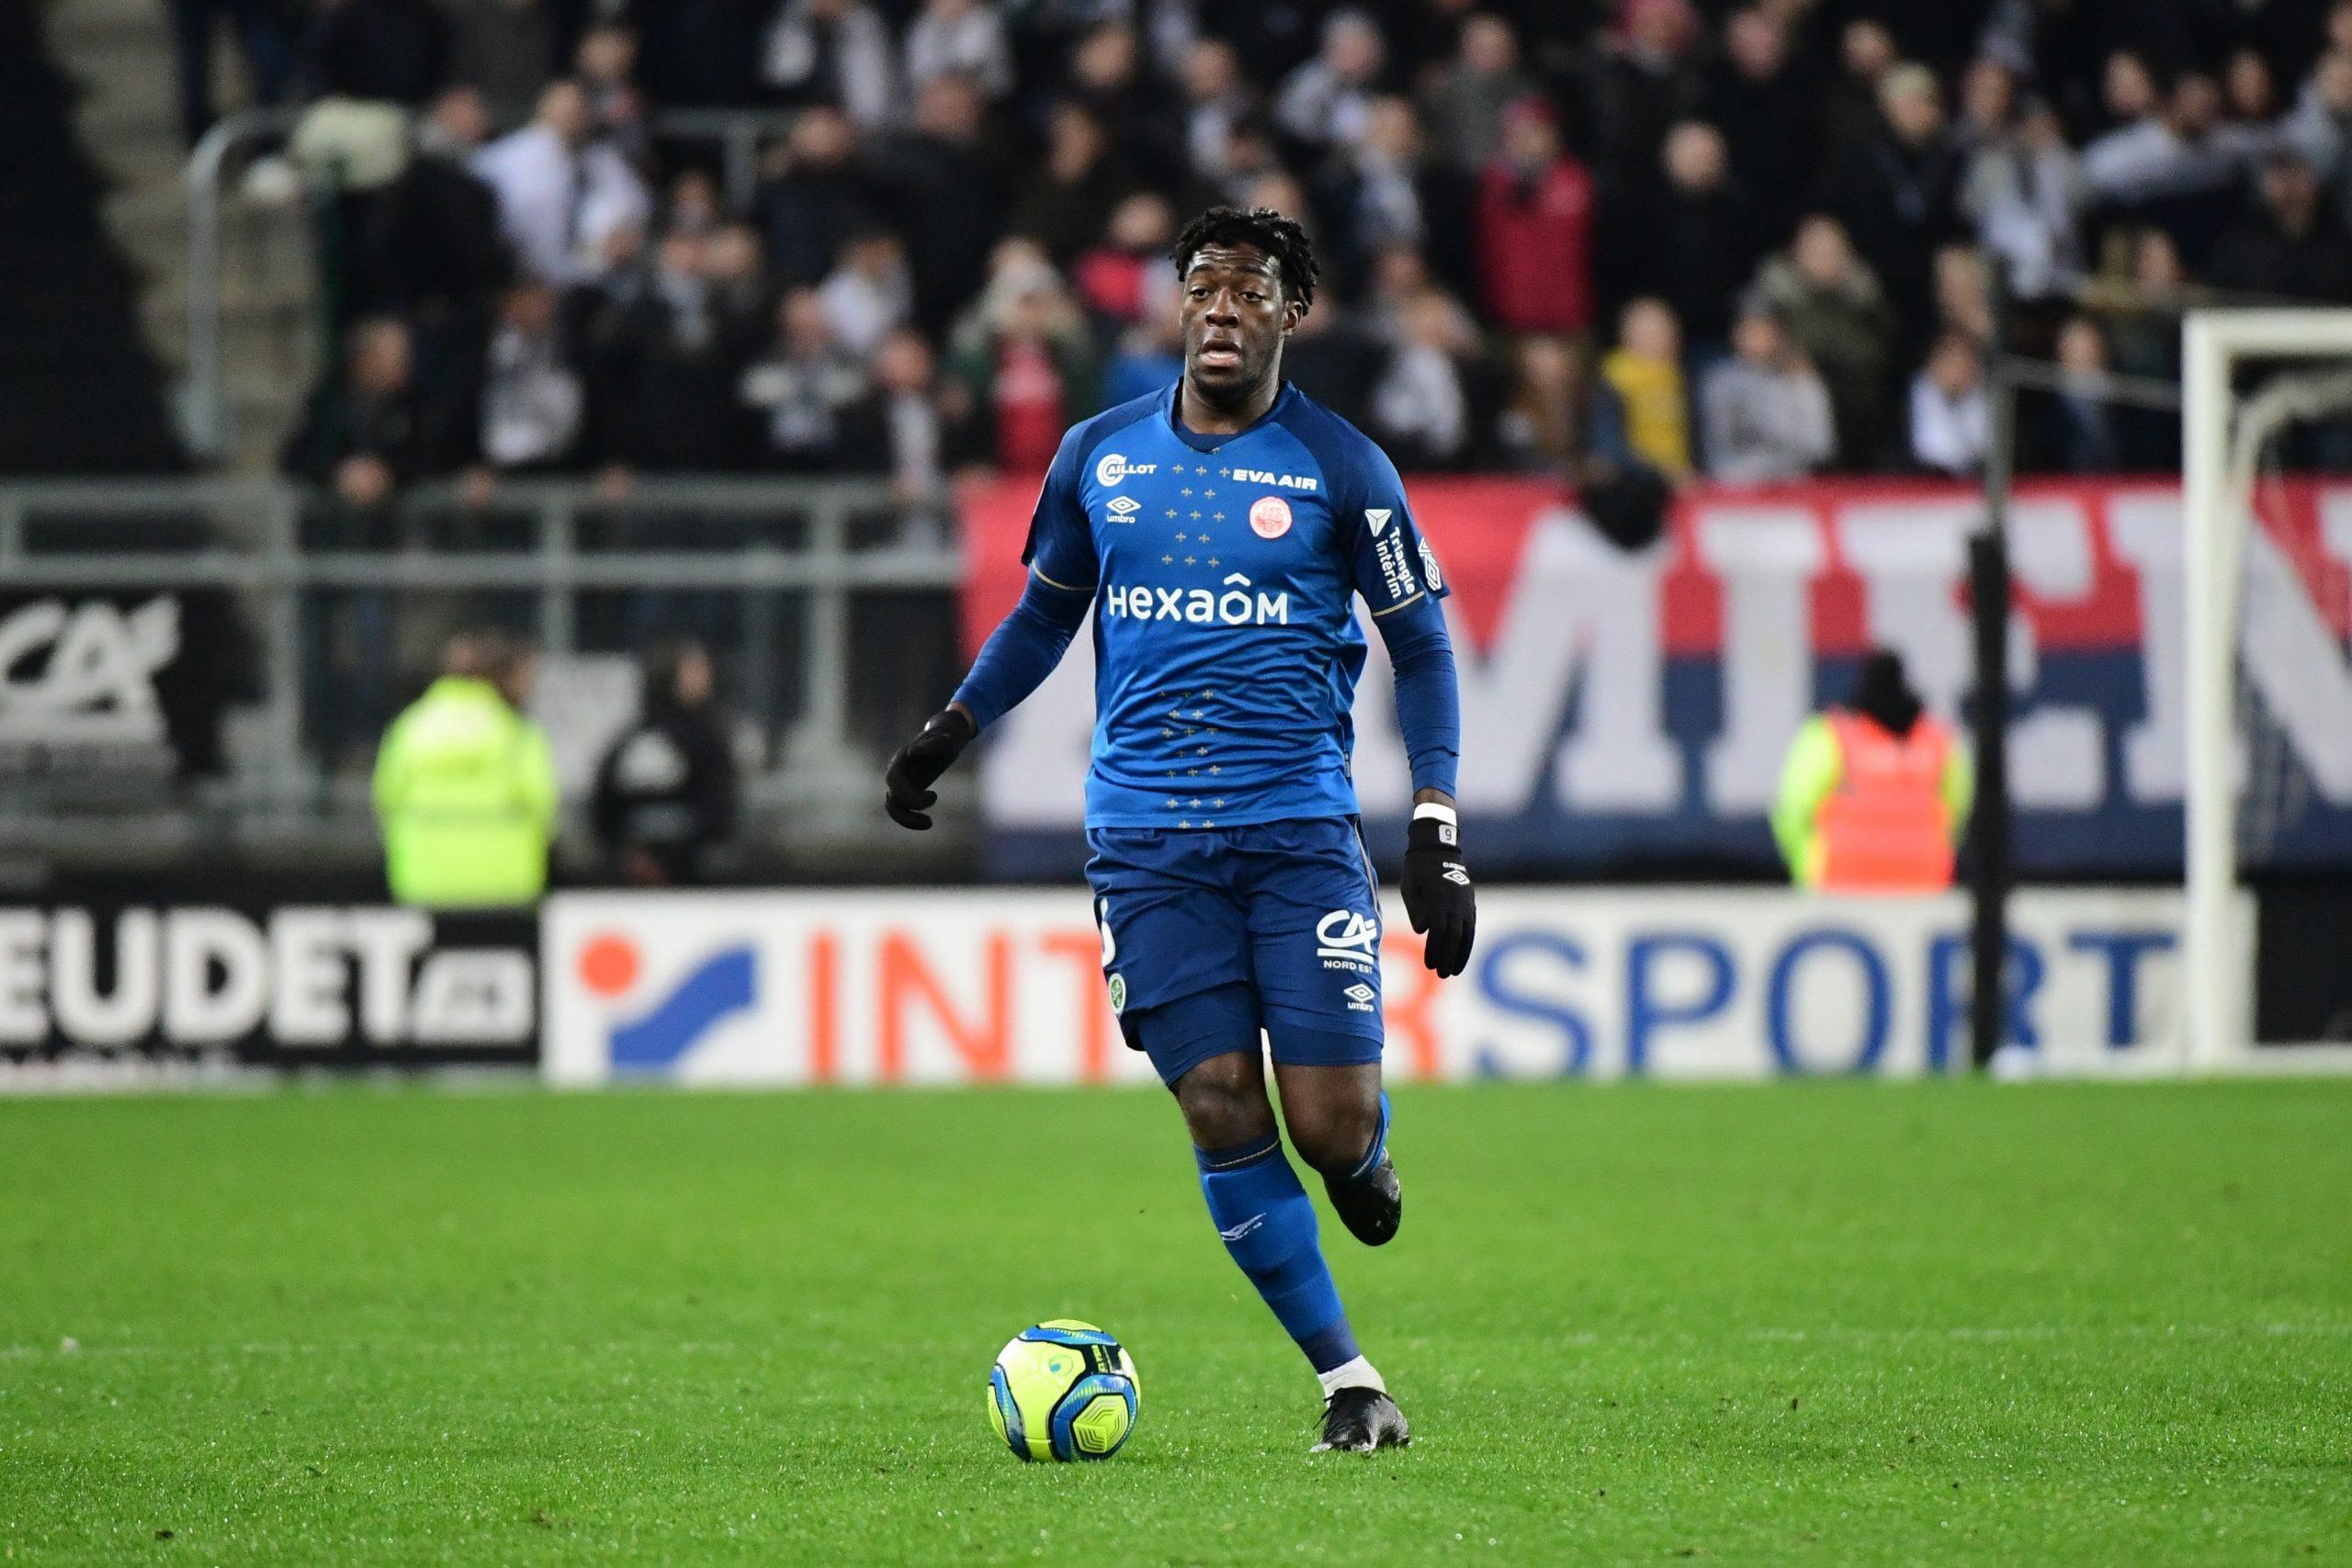 Monaco/PSG - Disasi évoque Neymar, Mbappé et la particularité de ce match pour lui